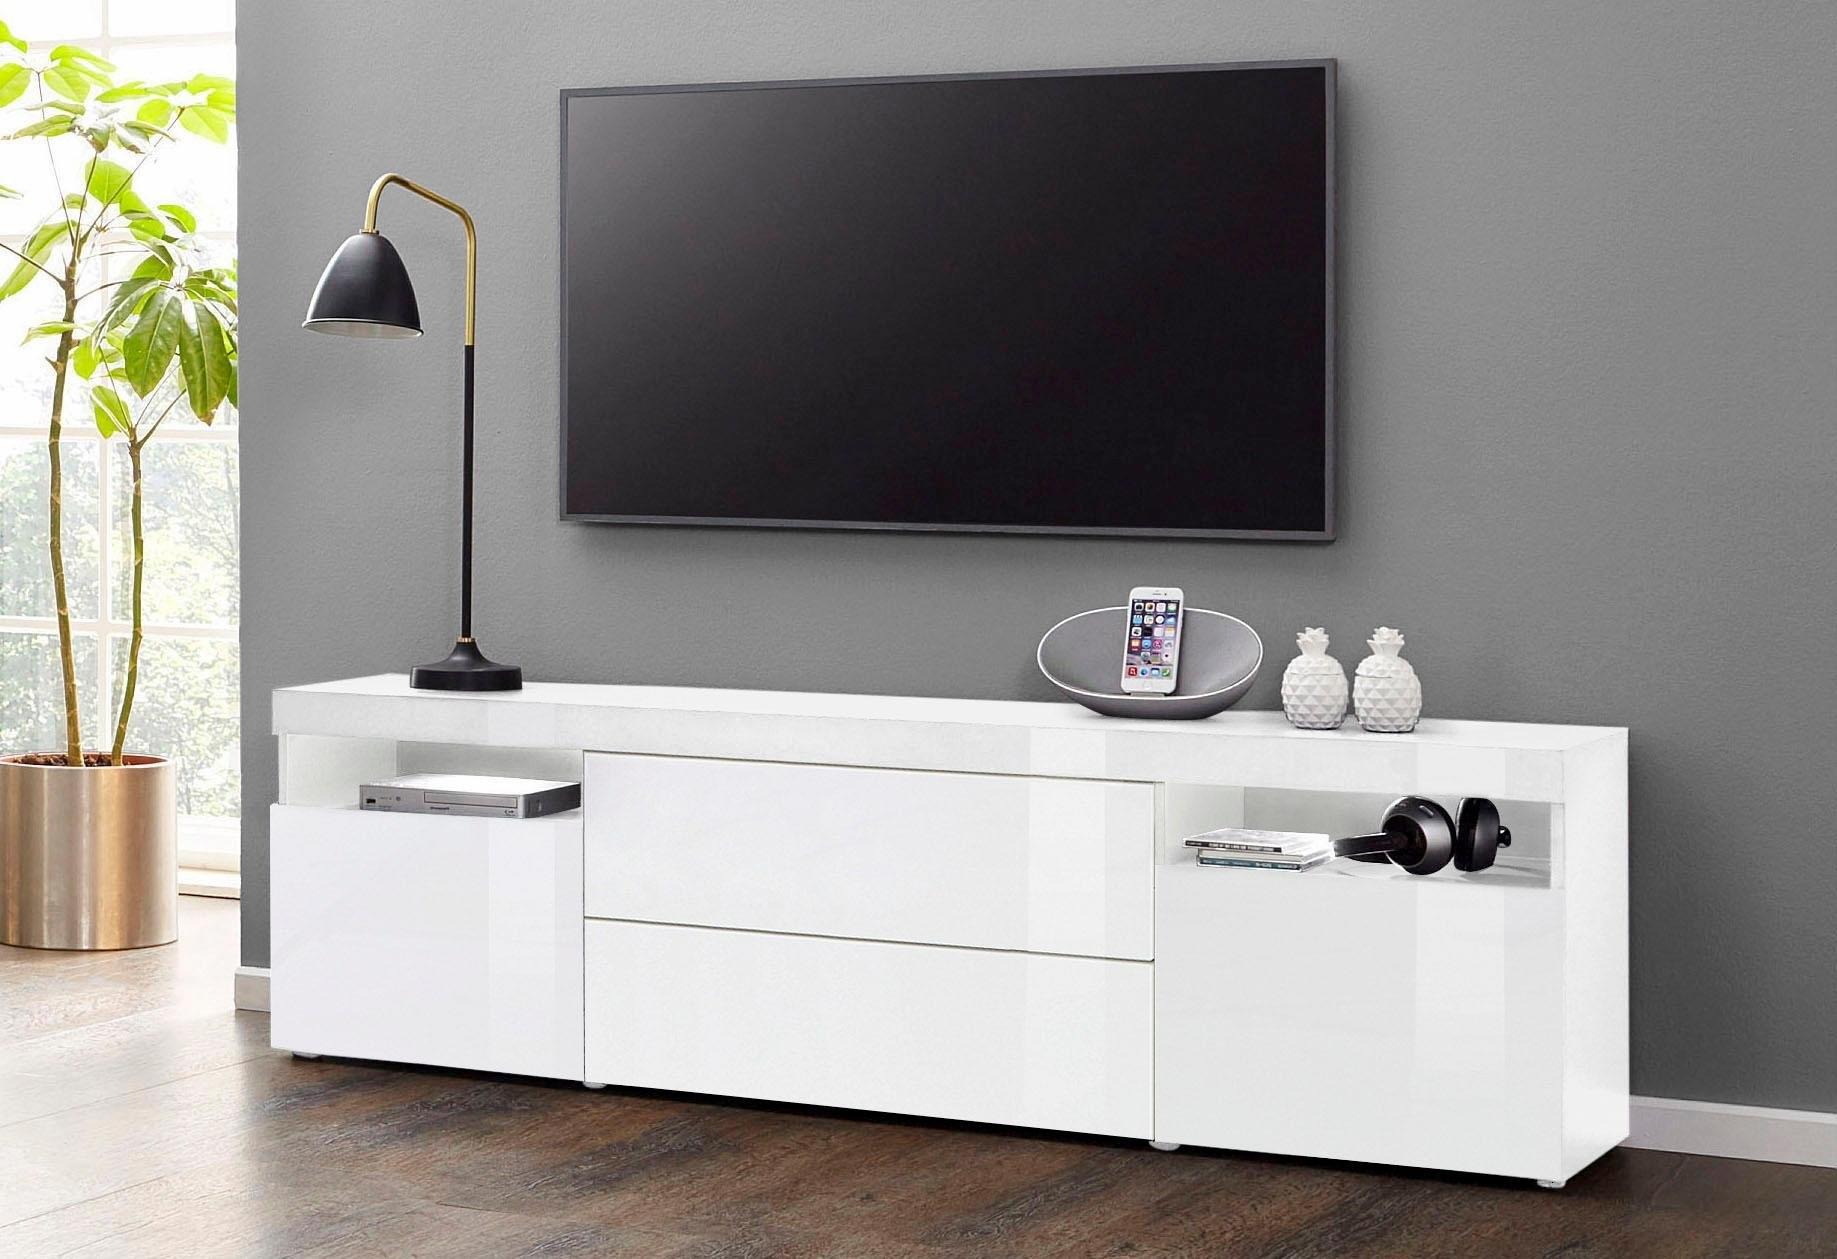 borchardt Möbel tv-meubel »Kapstadt« nu online bestellen